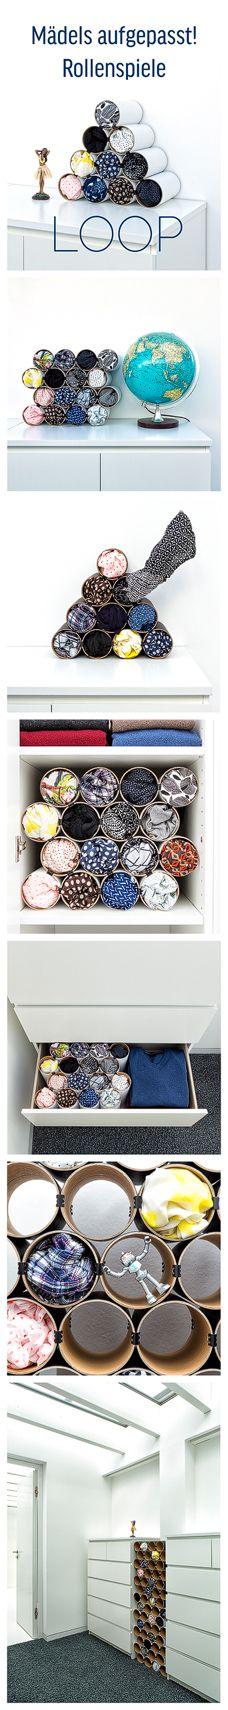 Jetzt kommt LOOP das Schalregal!  Flexibel, erweiterbar, stylish, ökologisch … bietet es Schals & Co ein Zuhause.      #Ordnungmusssein #Ordnungssinn #Ordnungsliebe #Schal #Tuch #Tücher #Schalregal #SchalAufbewahrung #TücherAufbewahrung #Loop #Ordnungsliebe #Scarfs #Malm #Ikea #Komplement #organisieren #SchalSammlung #TücherSammlung #Röhre #Röhren #Rollen #Karton #Pappe #Ordnung #Aufräumen #Aufbewahren #Rack #Schalrack #MarieKondo